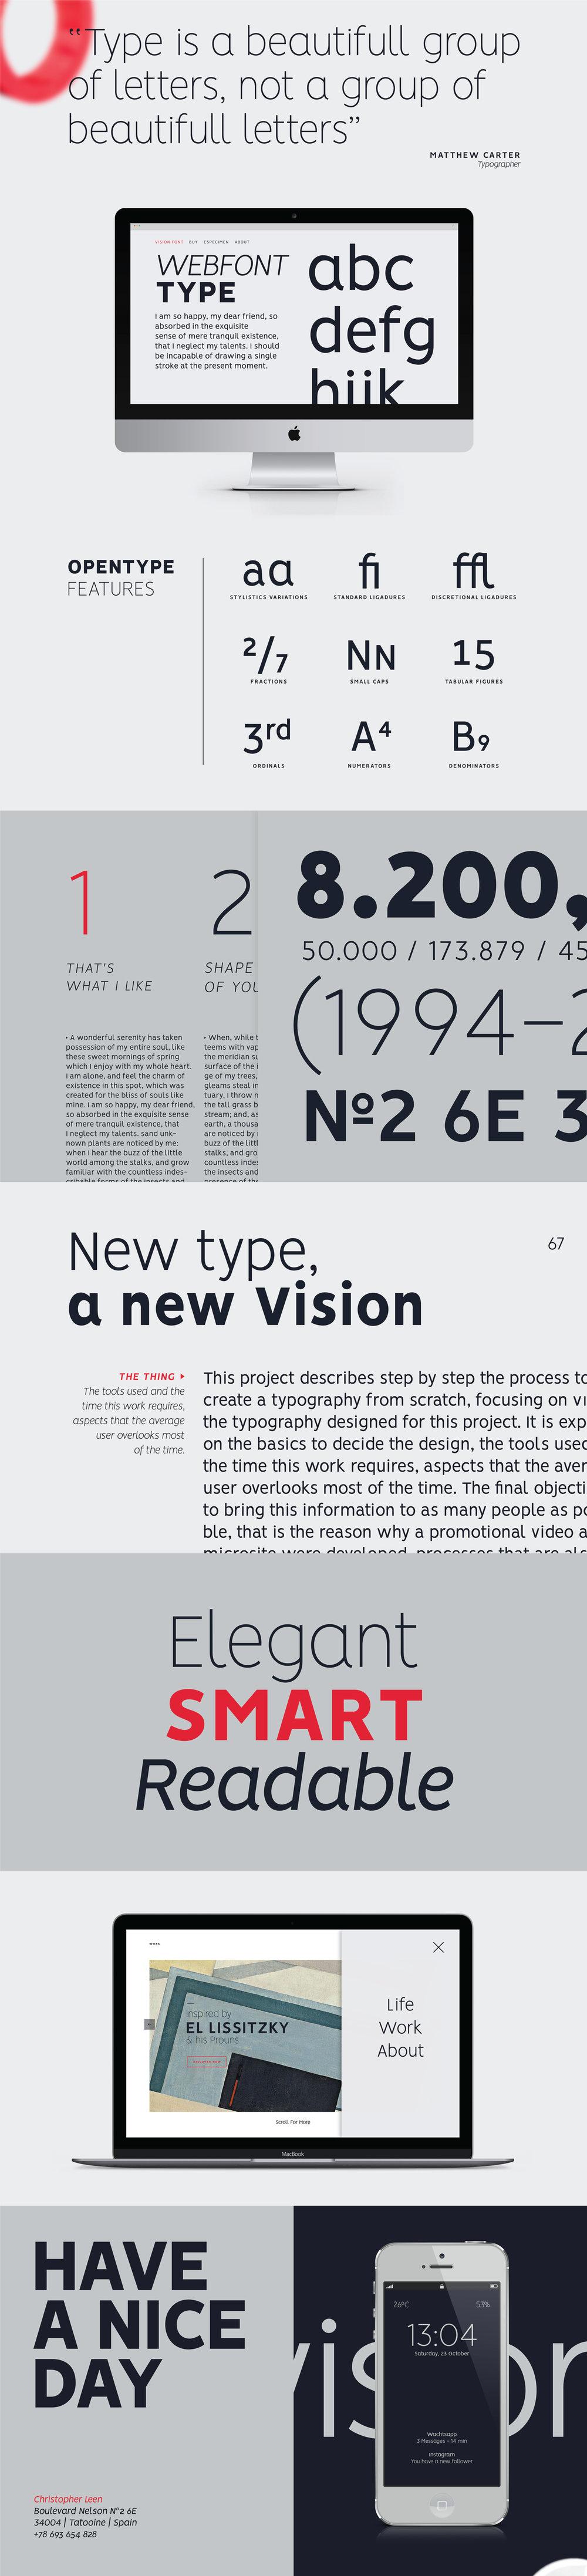 Visions-Long-2.jpg